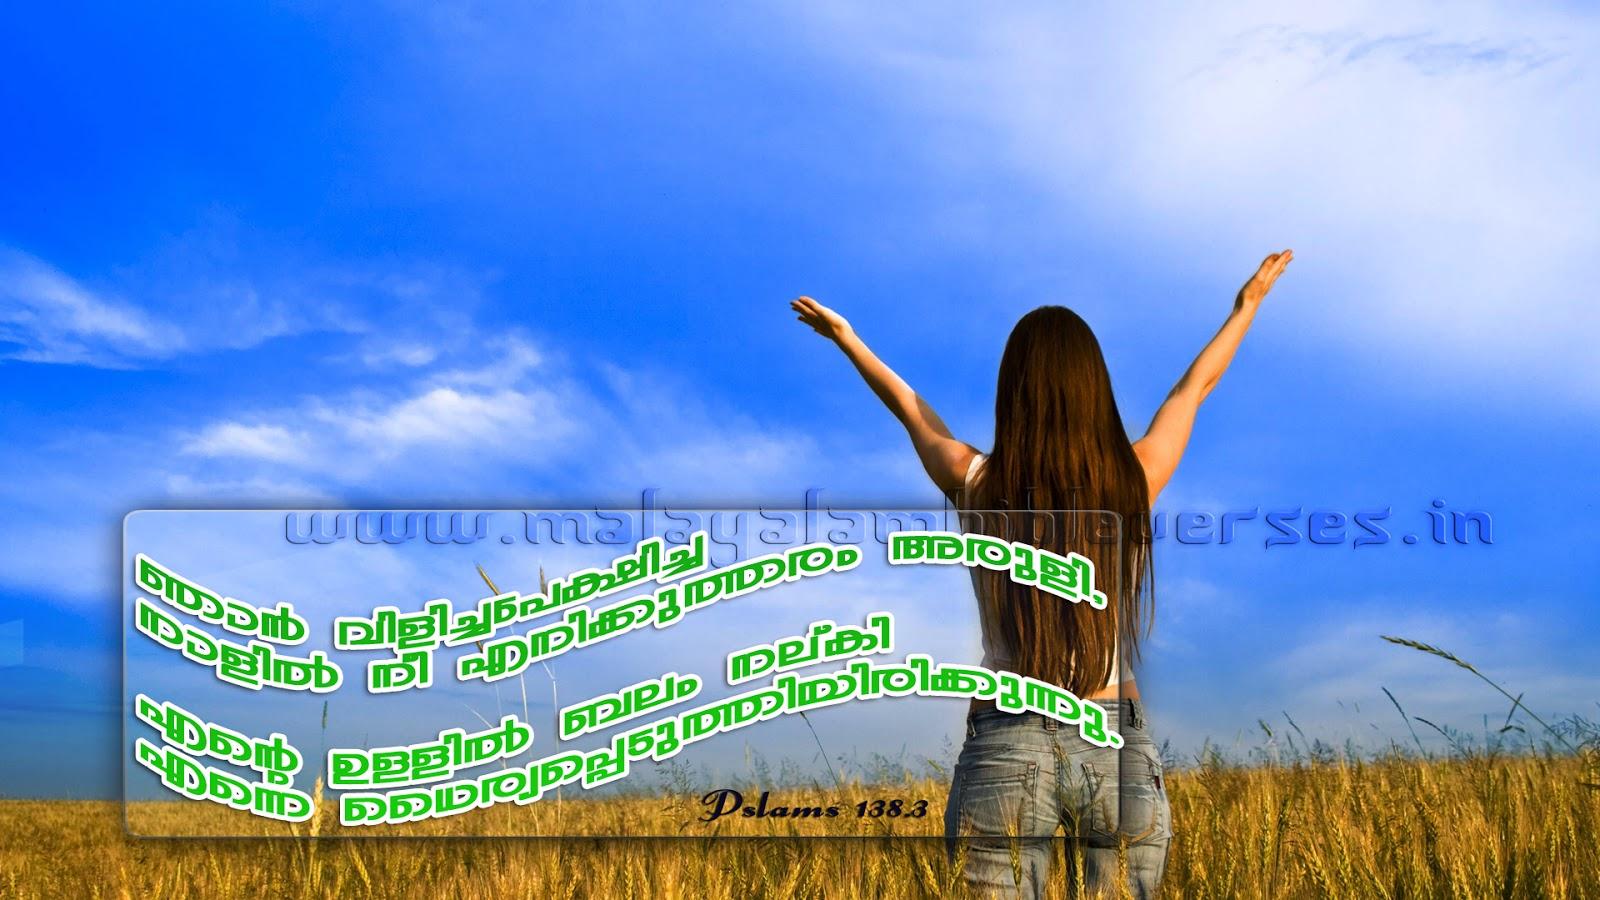 Pslams 138_3 | Malayalam bible verses